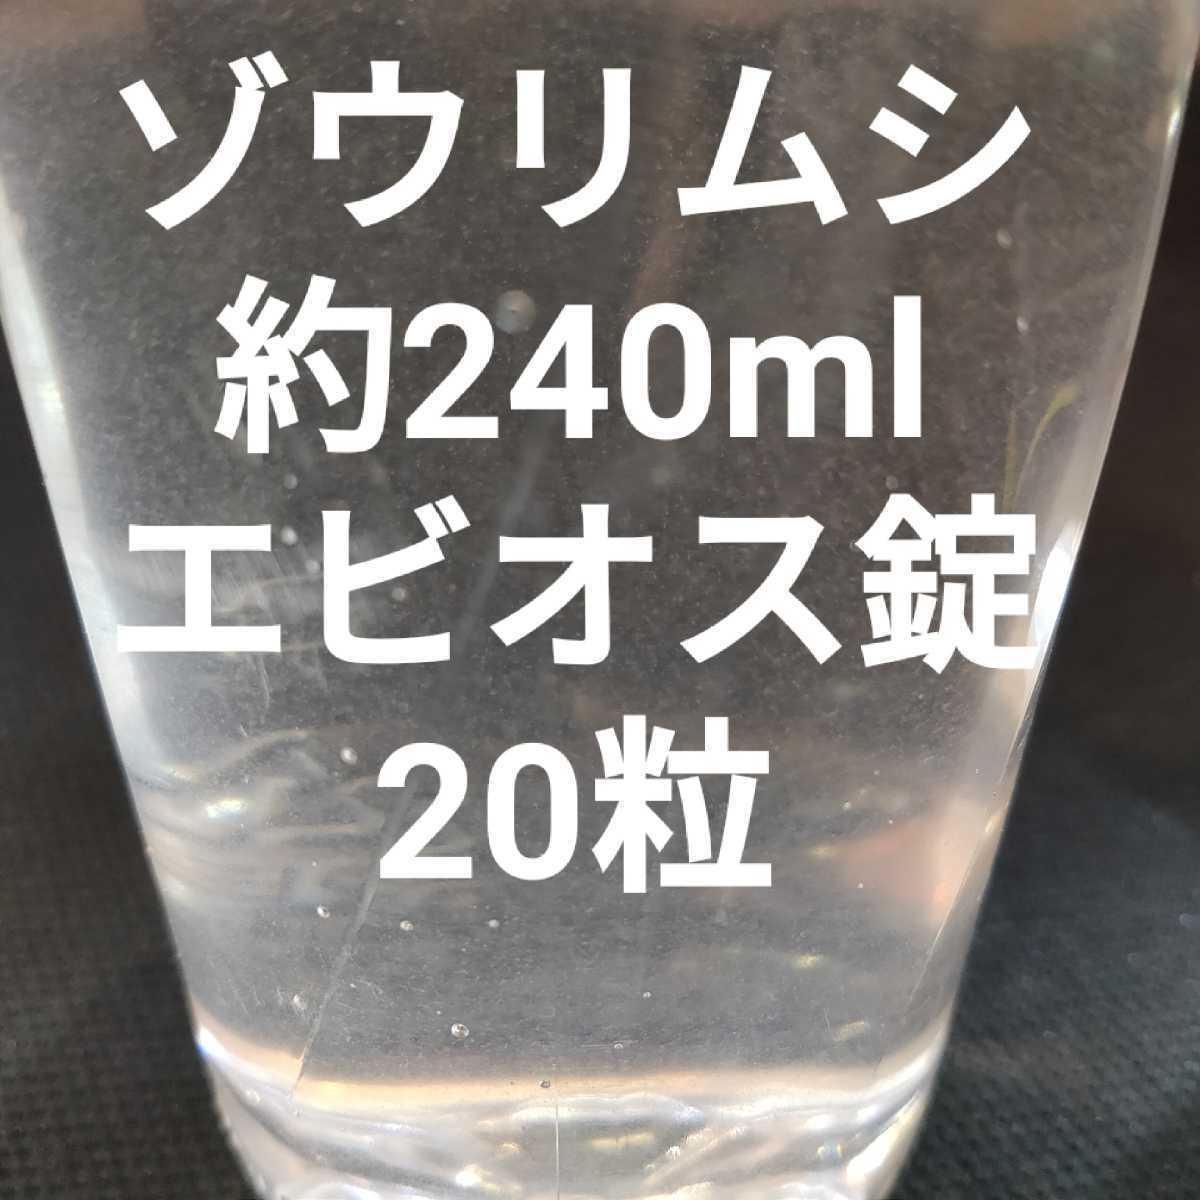 ゾウリムシ 240ml 種水 メダカ 針子 生き餌 エビオス_画像1